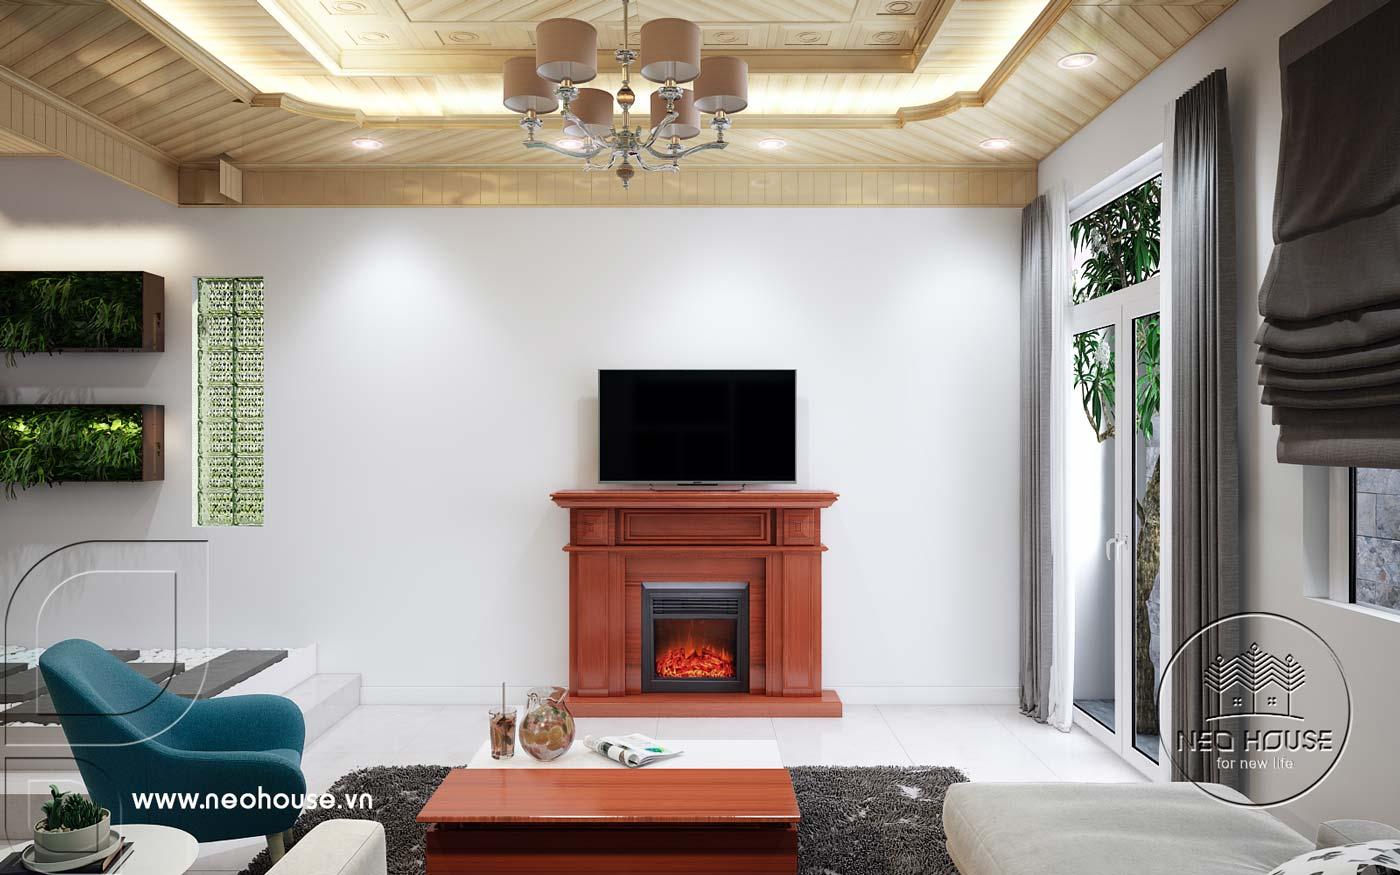 Thiết kế nội thất nhà phố hiện đại. Ảnh 3